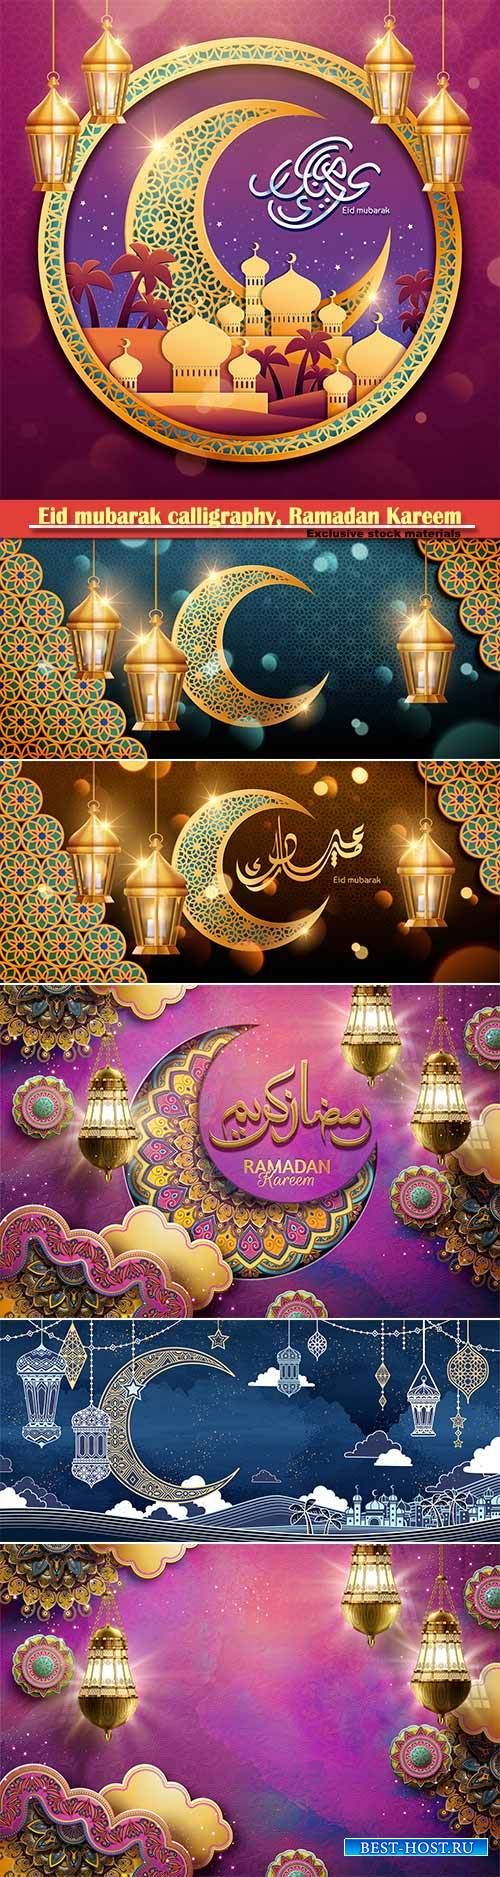 Eid mubarak calligraphy, Ramadan Kareem vector card